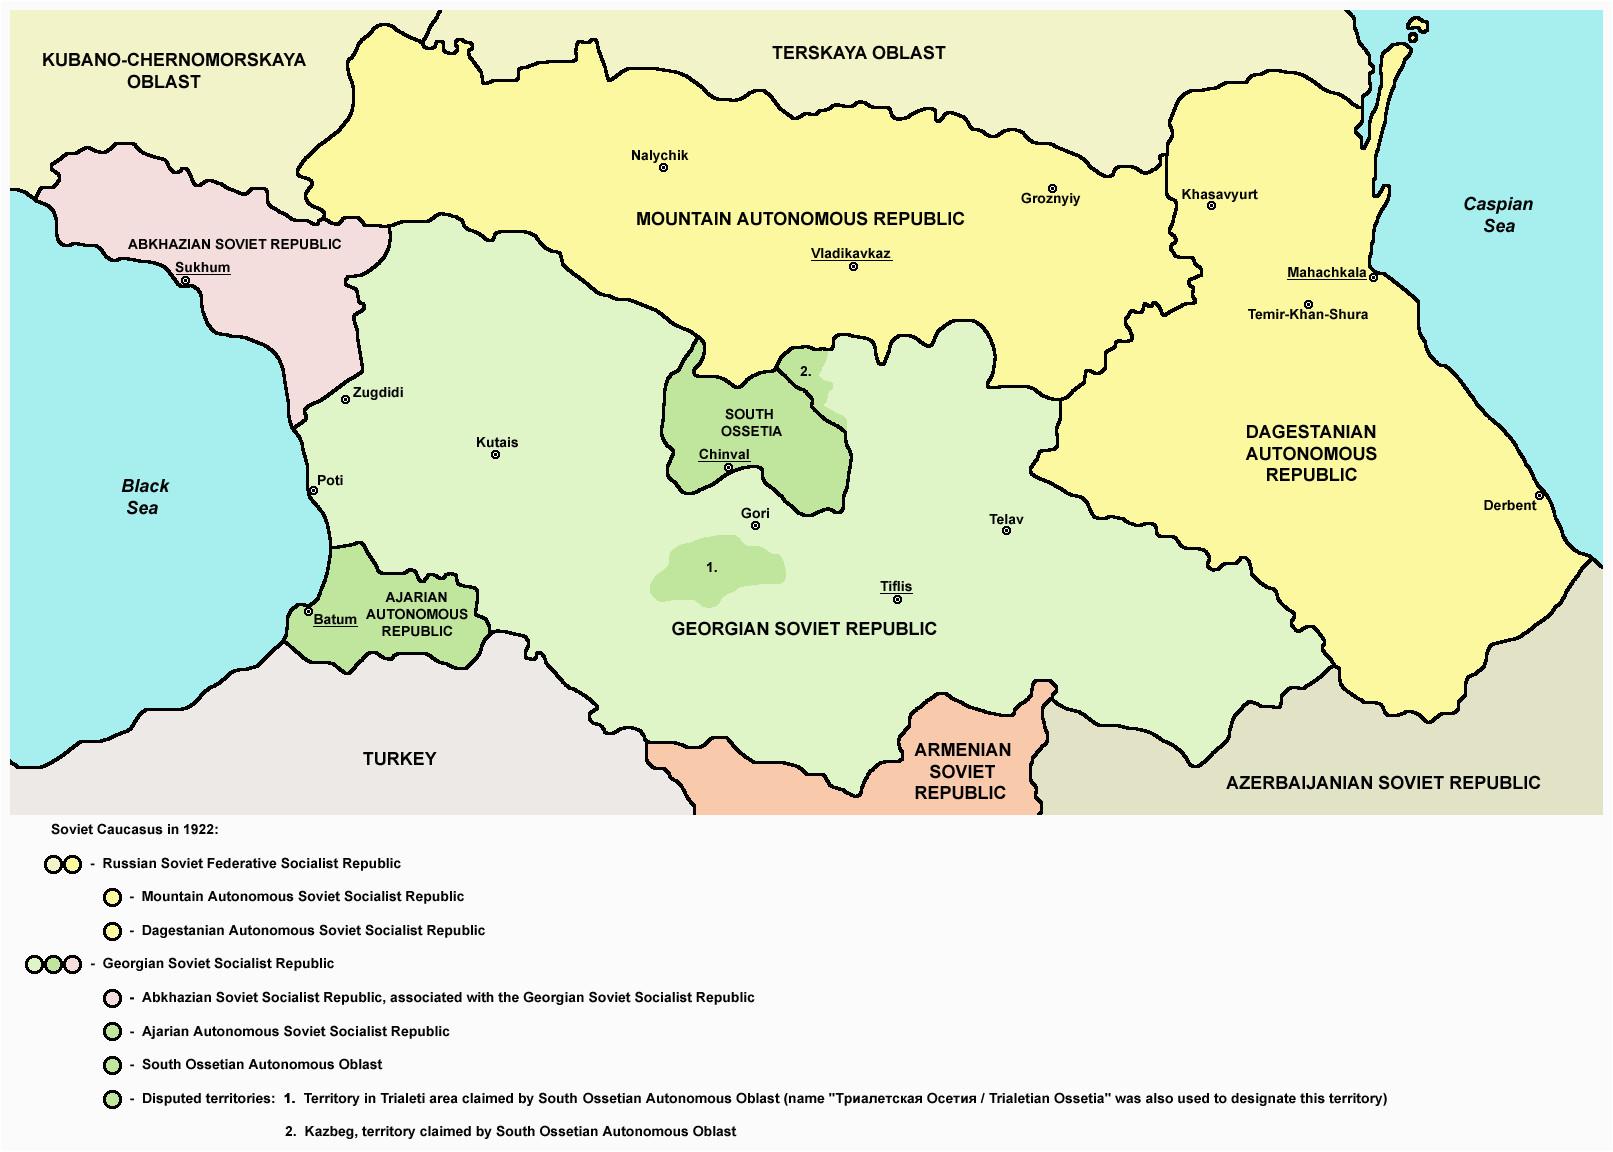 northern part of soviet caucasus in 1922 mountain autonomous